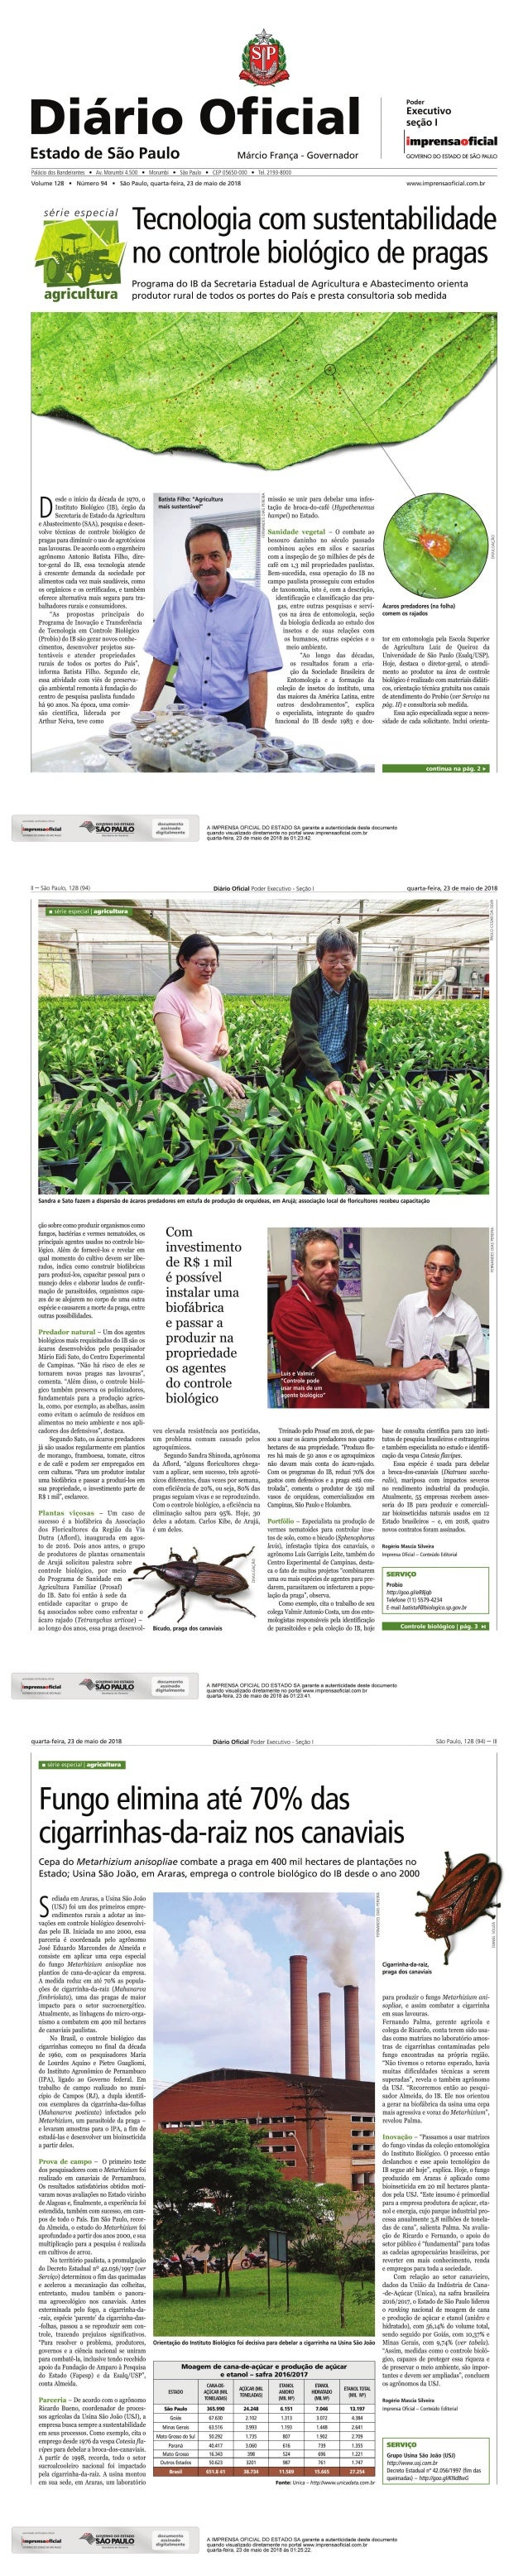 Tecnologia com sustentabilidade no controle biológico de pragas